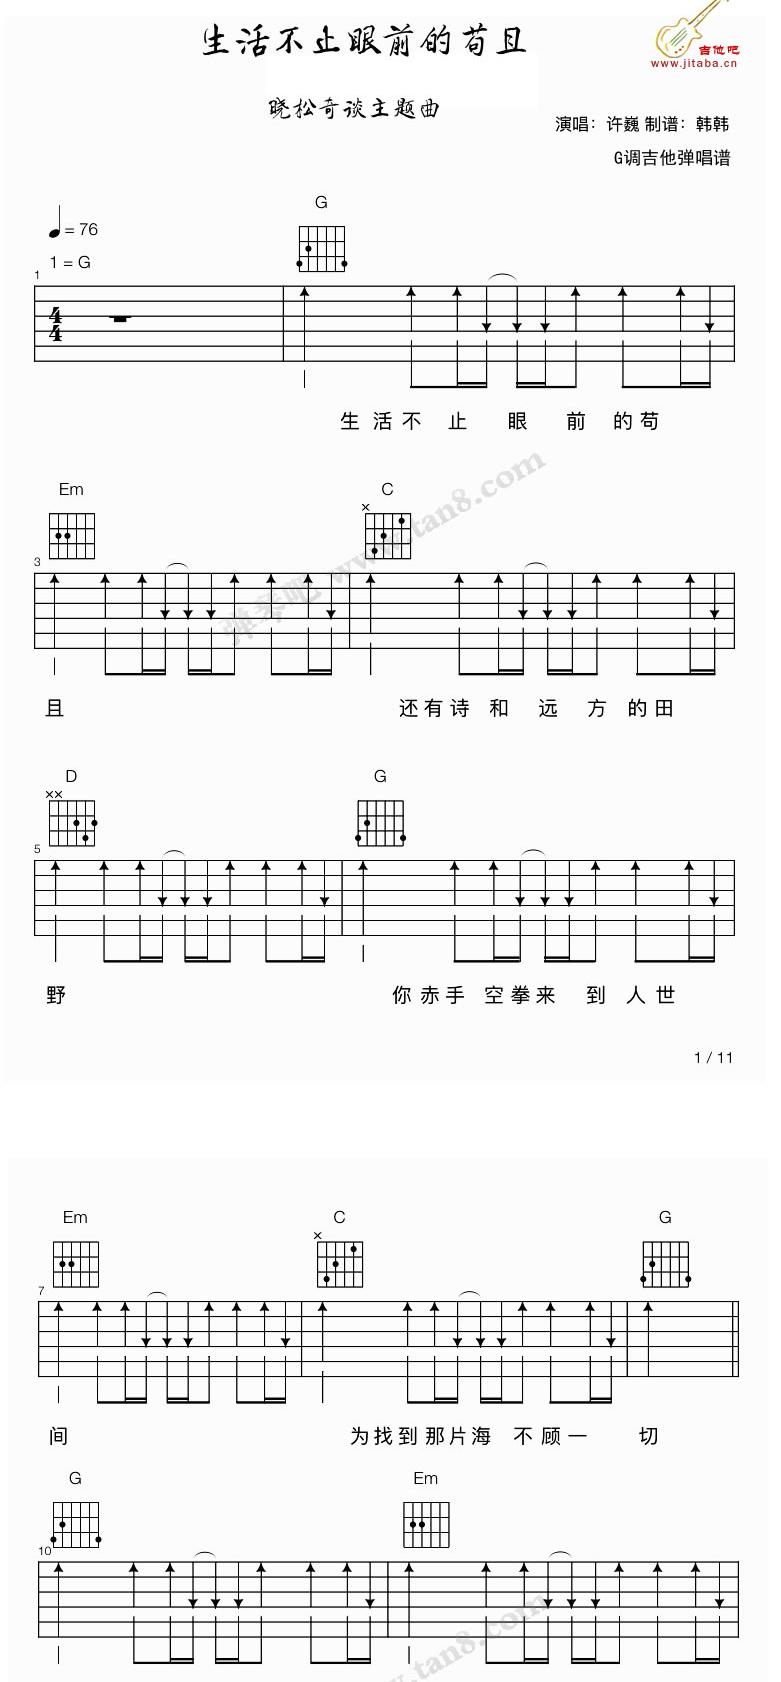 《生活不止眼前的苟且》(许巍演唱)吉他谱第1张